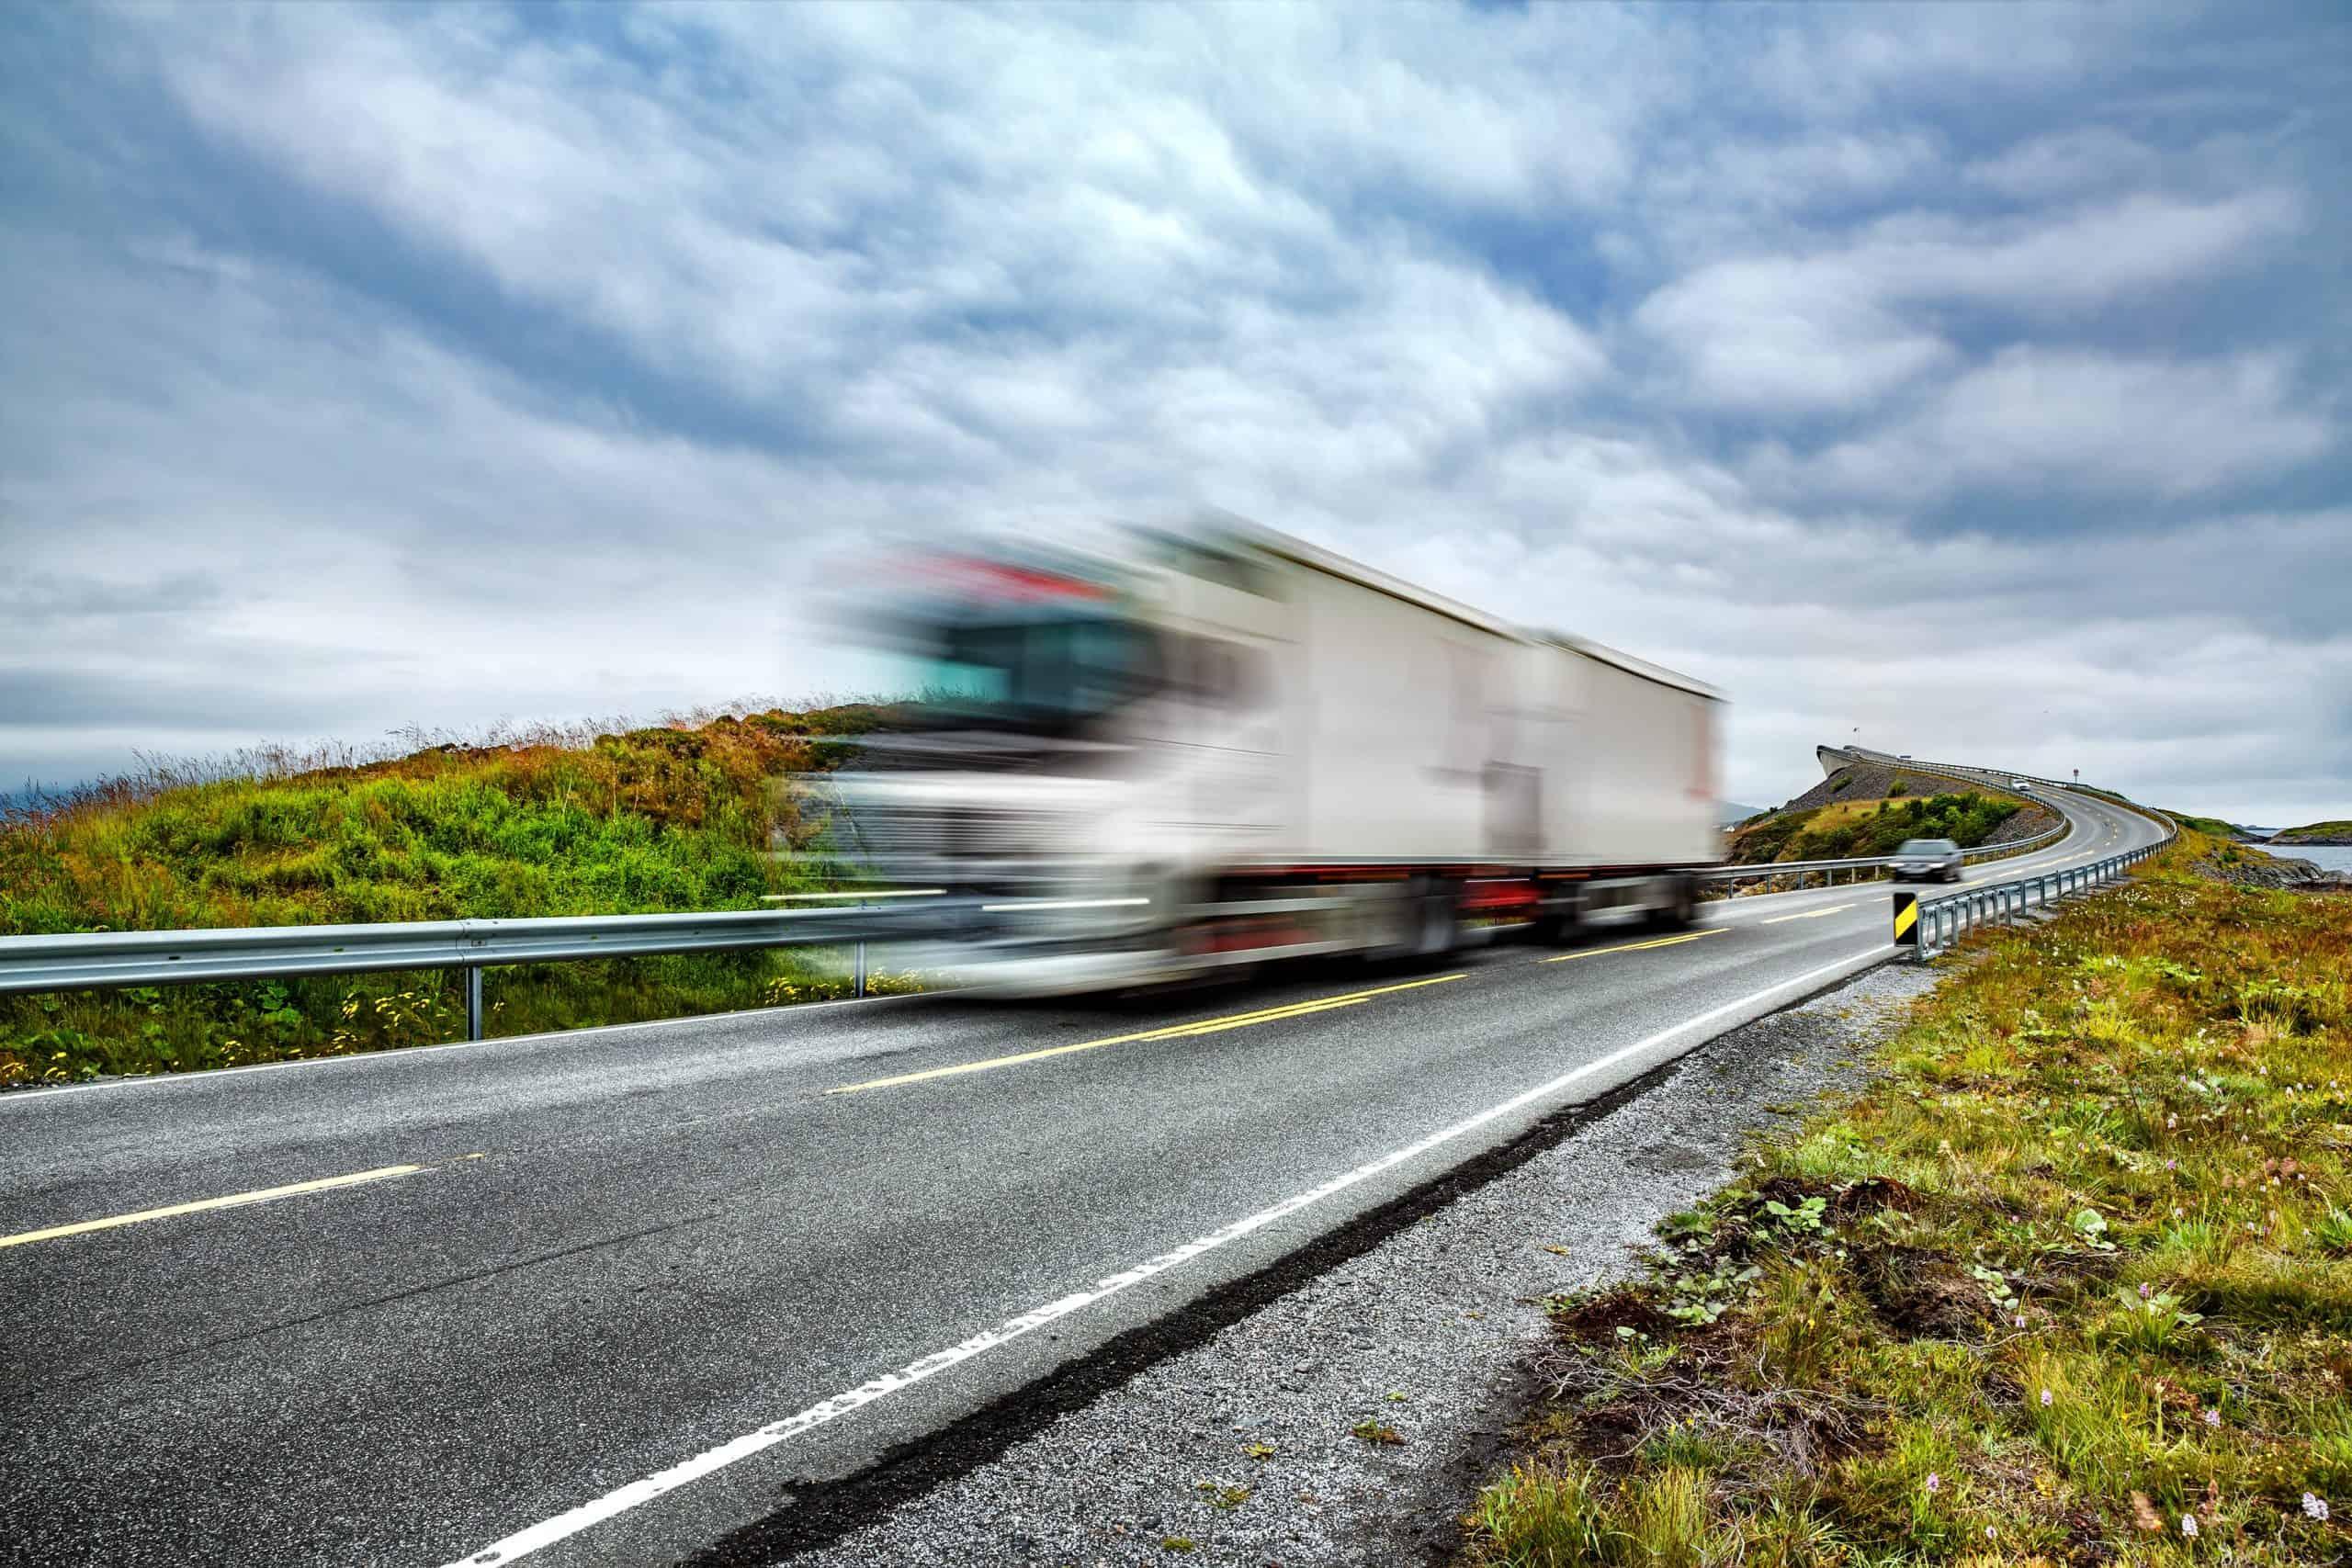 hg-lorry-motorway-pragma-law